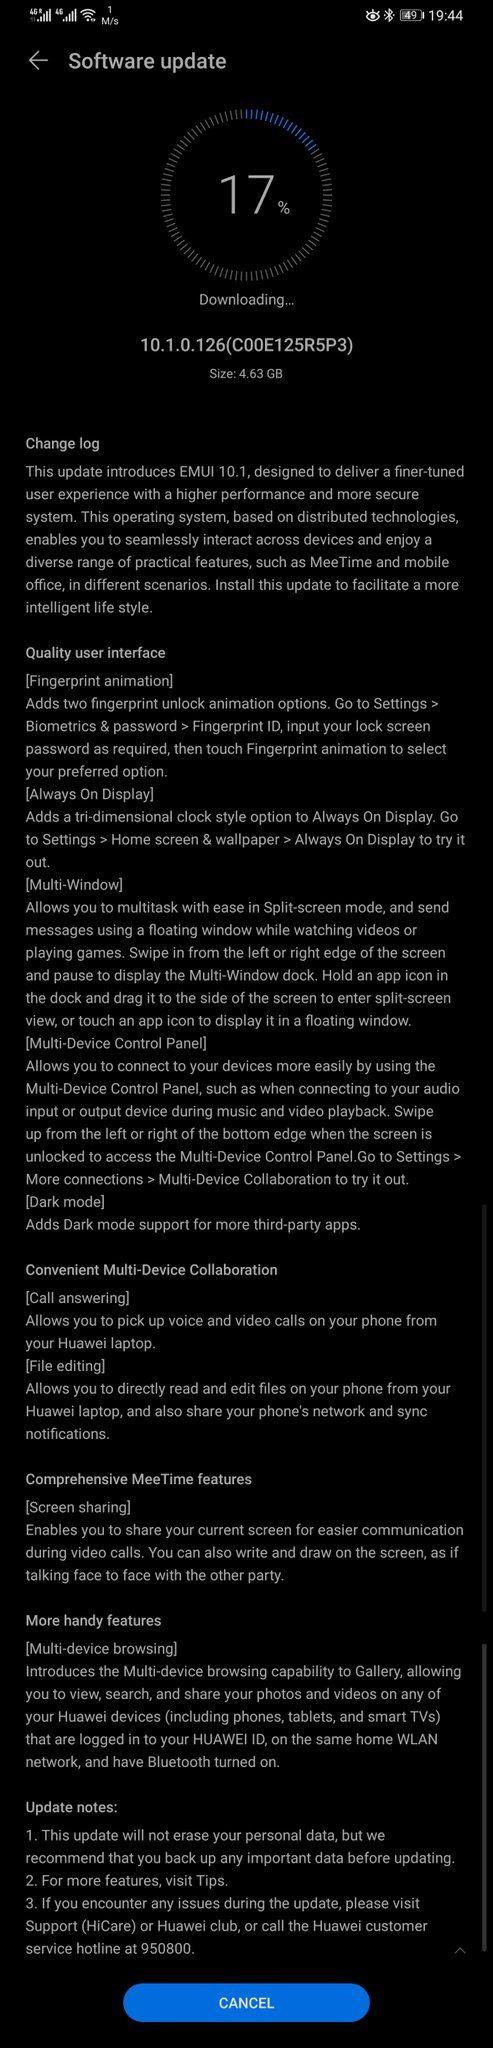 Huawei EMUI 10.1 - oto wszystkie nowości!